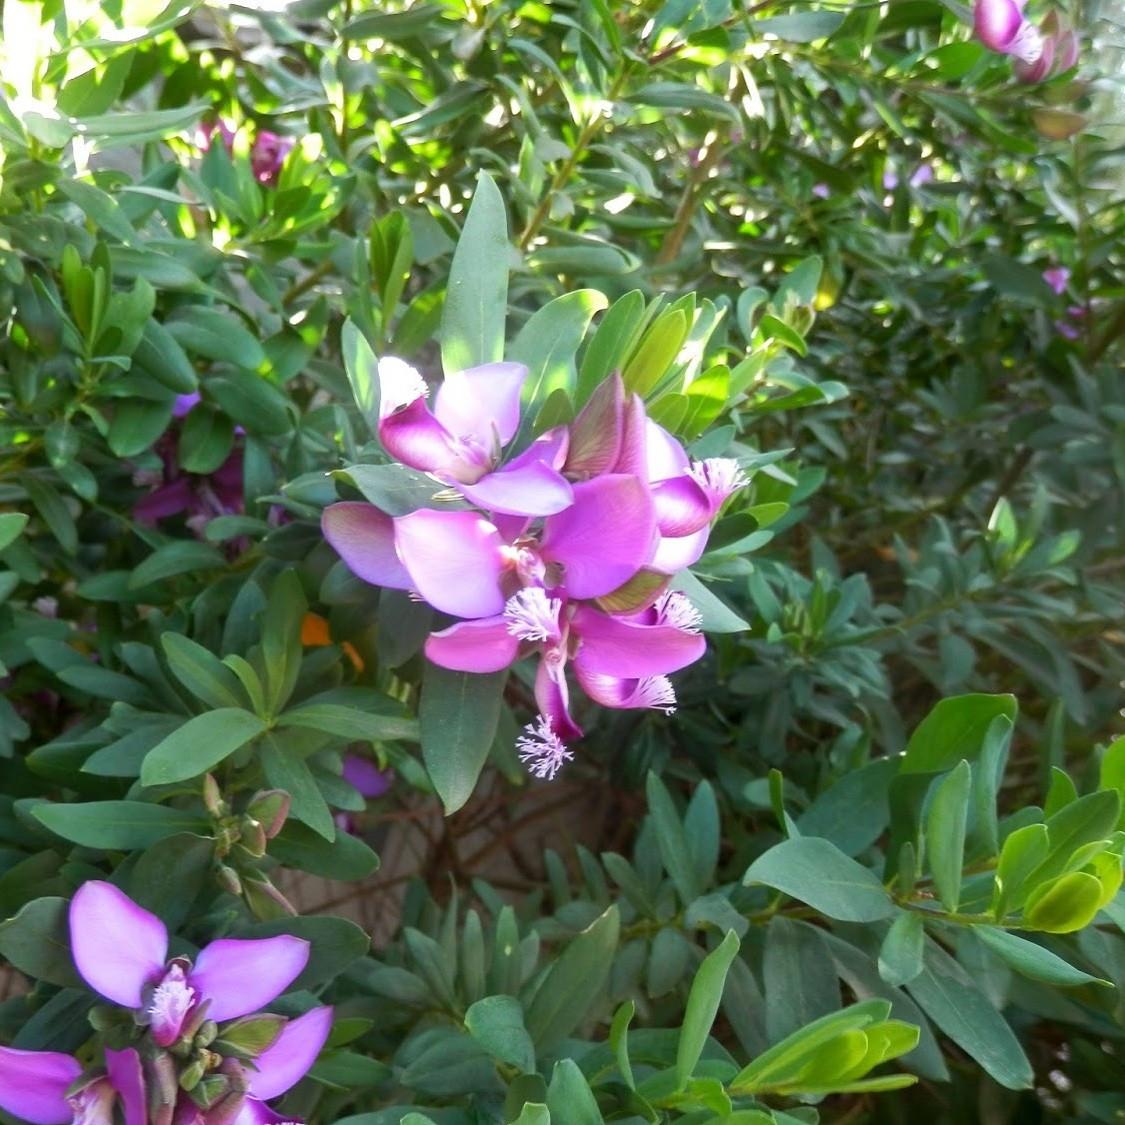 Flores de interior resistentes tulipanes with flores de - Planta exterior resistente ...